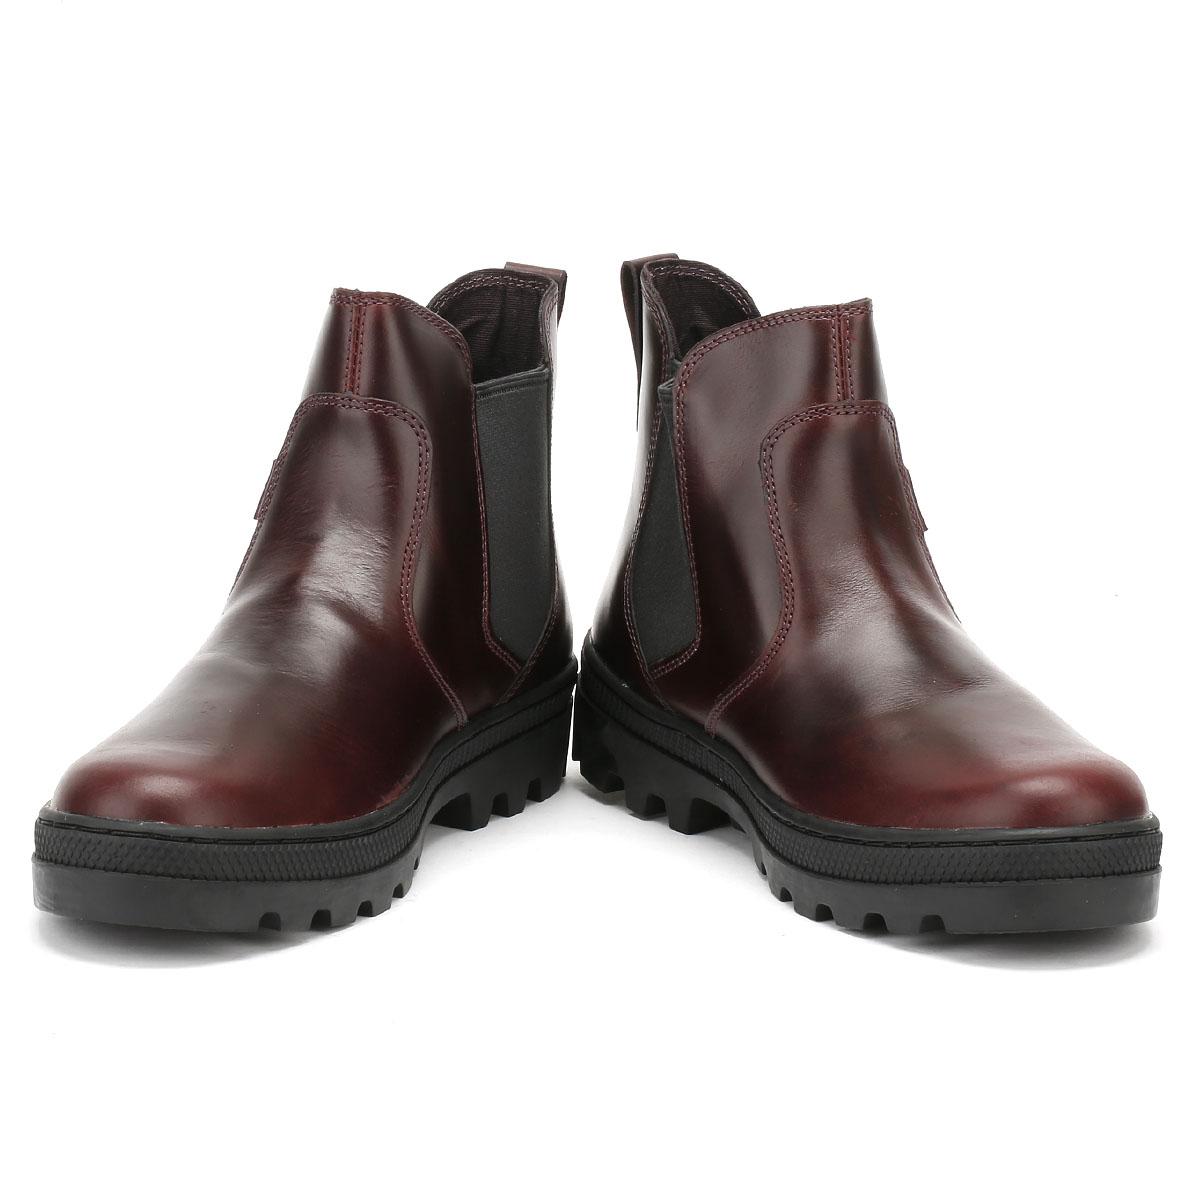 Palladium para mujer Negro O Borgoña botas Zapatos De De De Invierno De Cuero Chelsea pallabosse d9dc0b